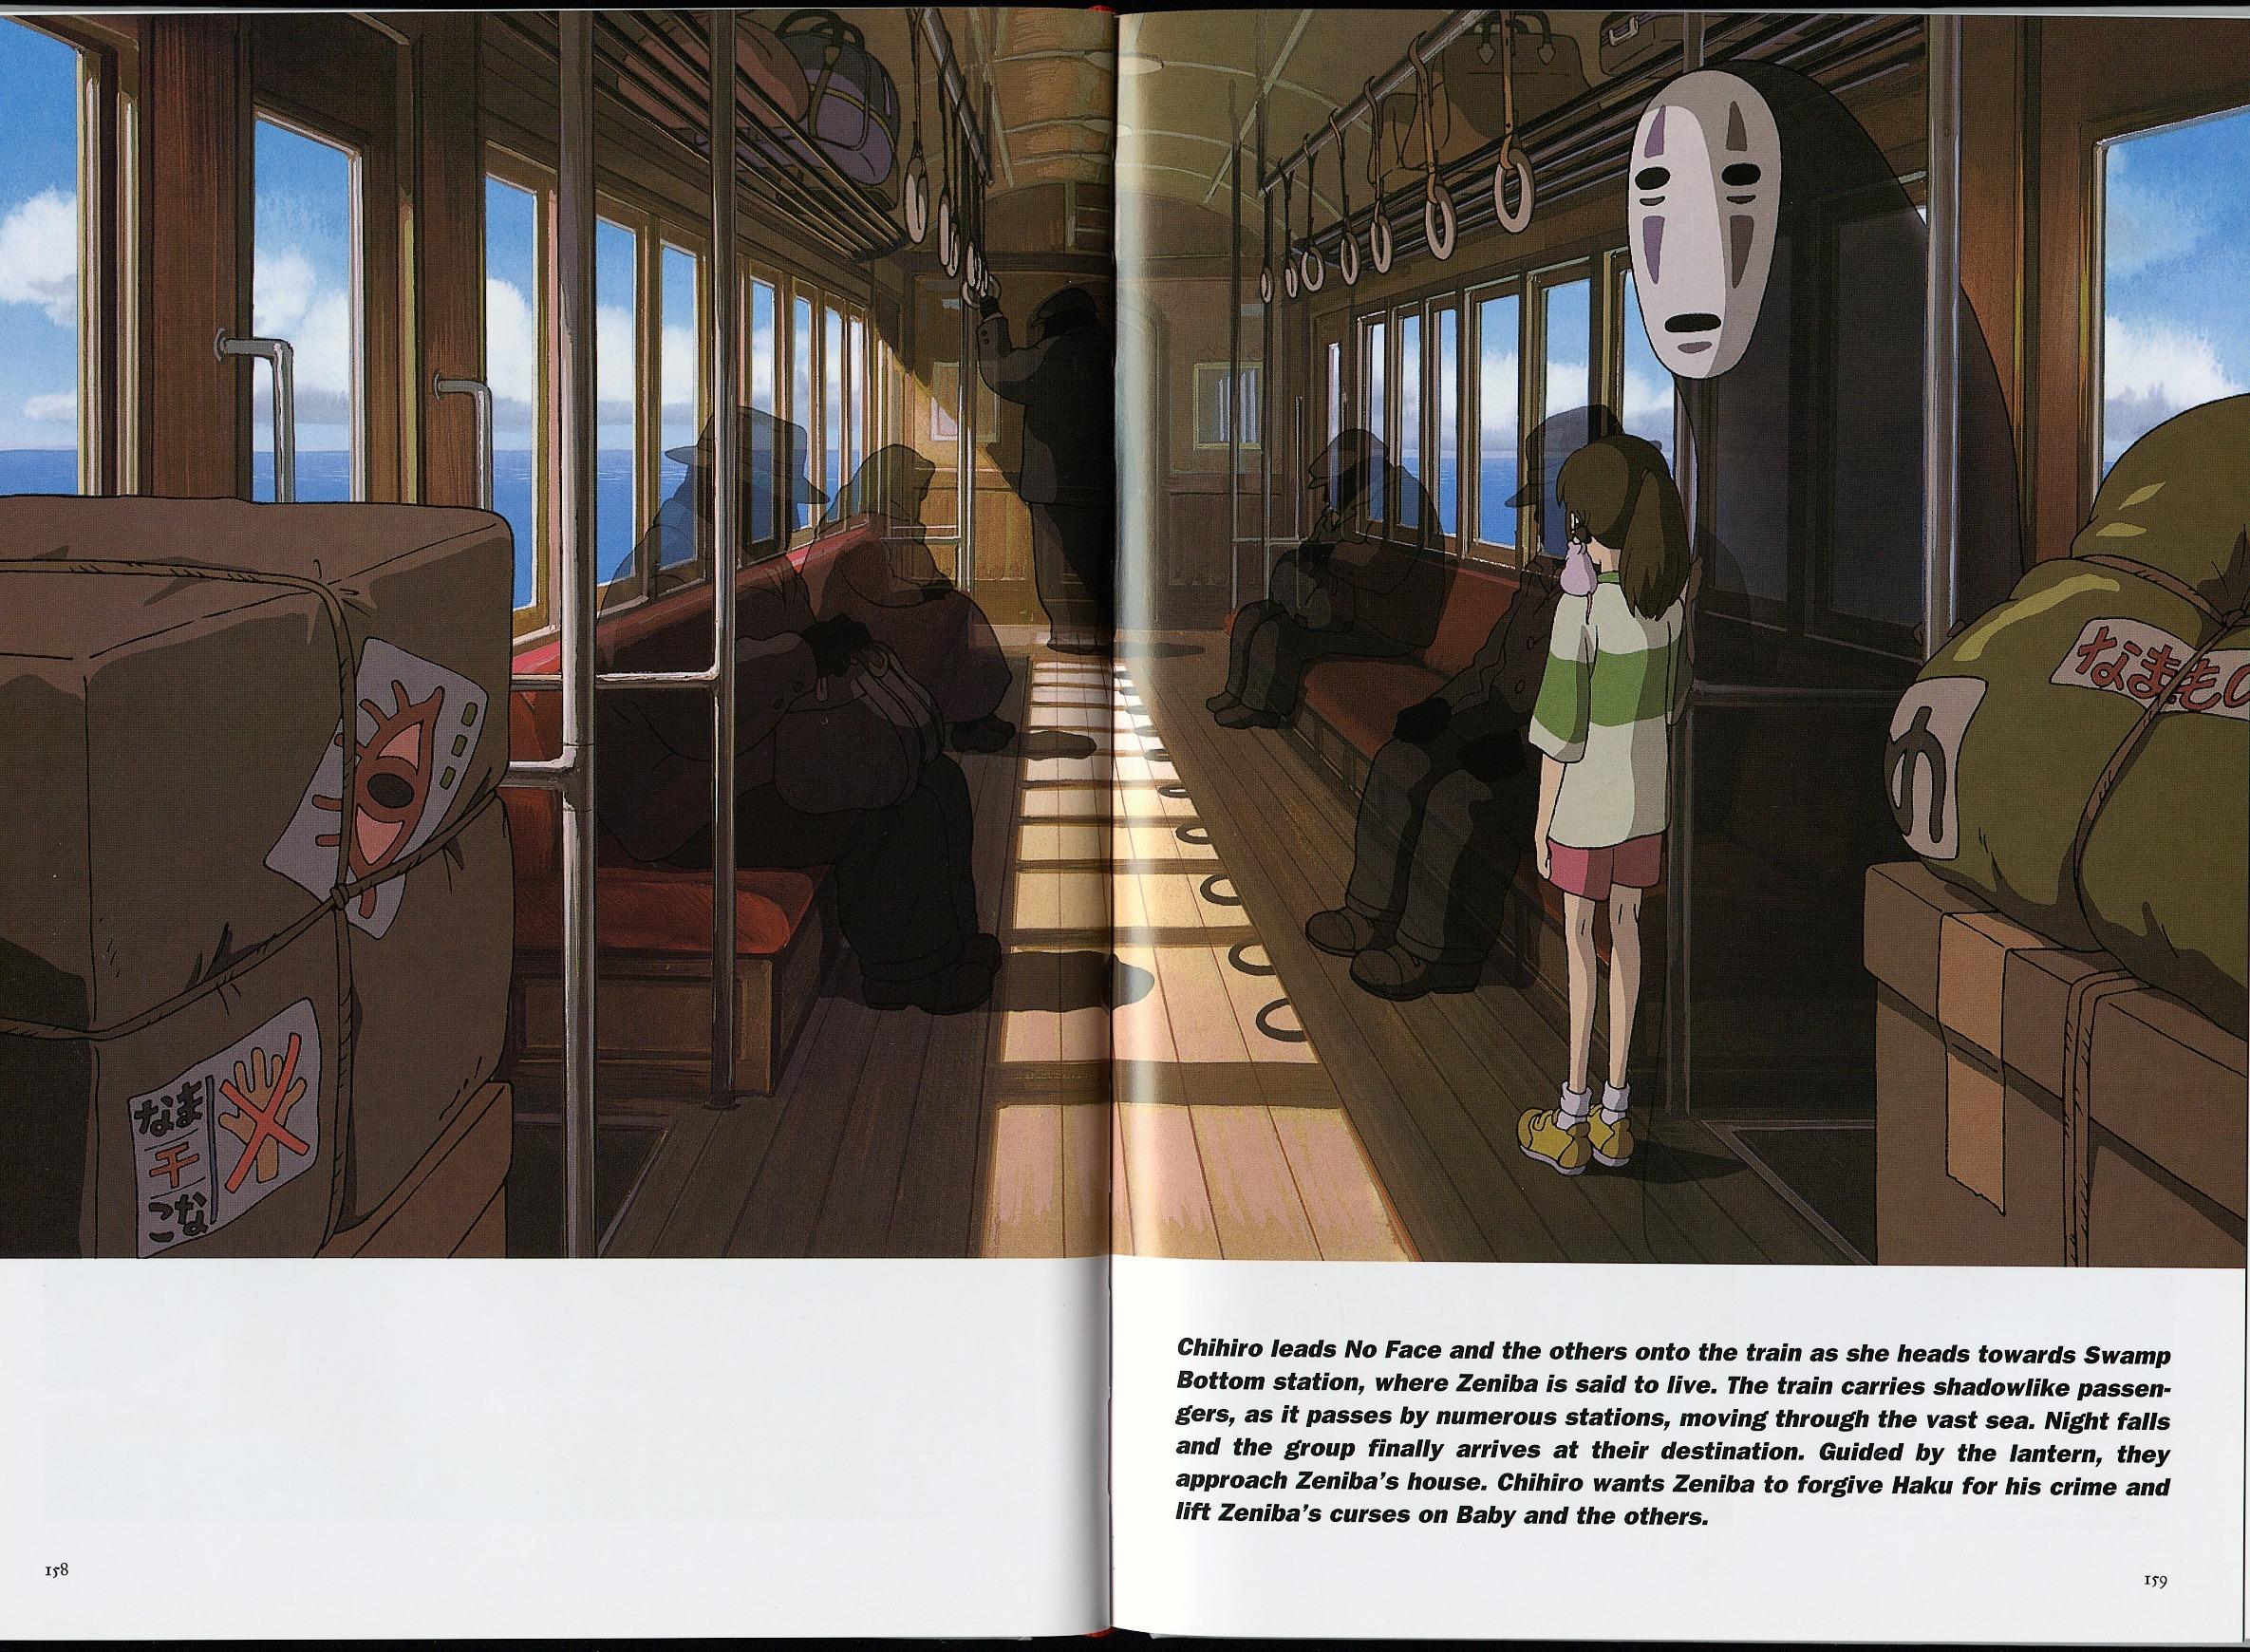 Смотреть онлайн аниме в поезде 19 фотография